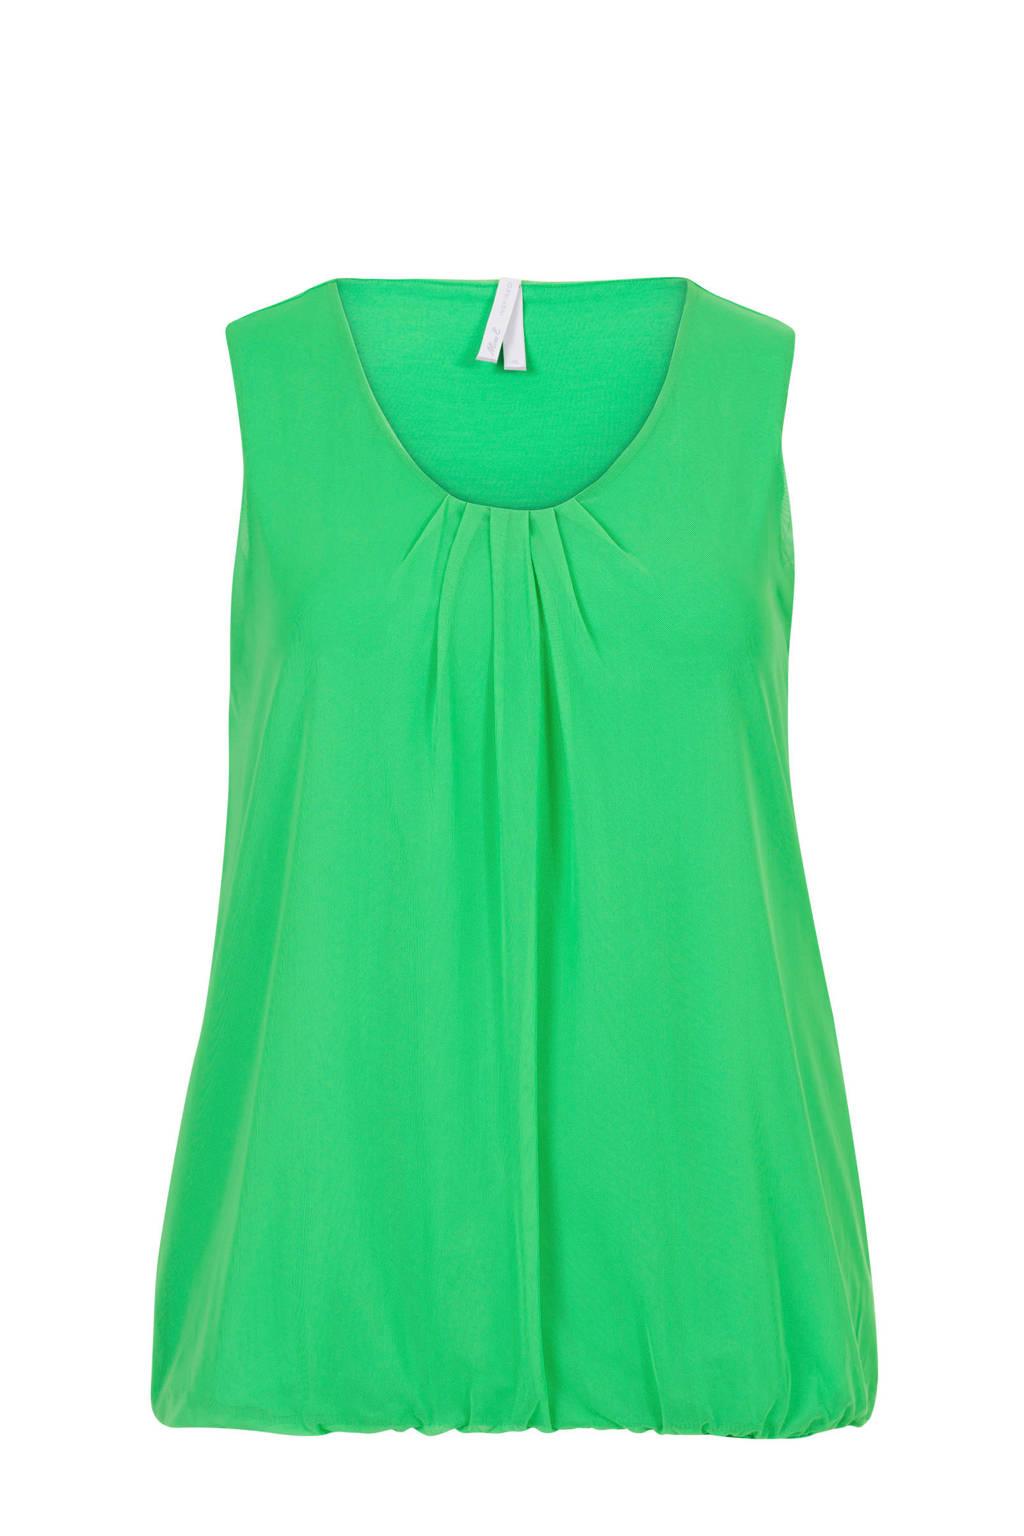 Miss Etam Plus mouwloze top groen, Groen